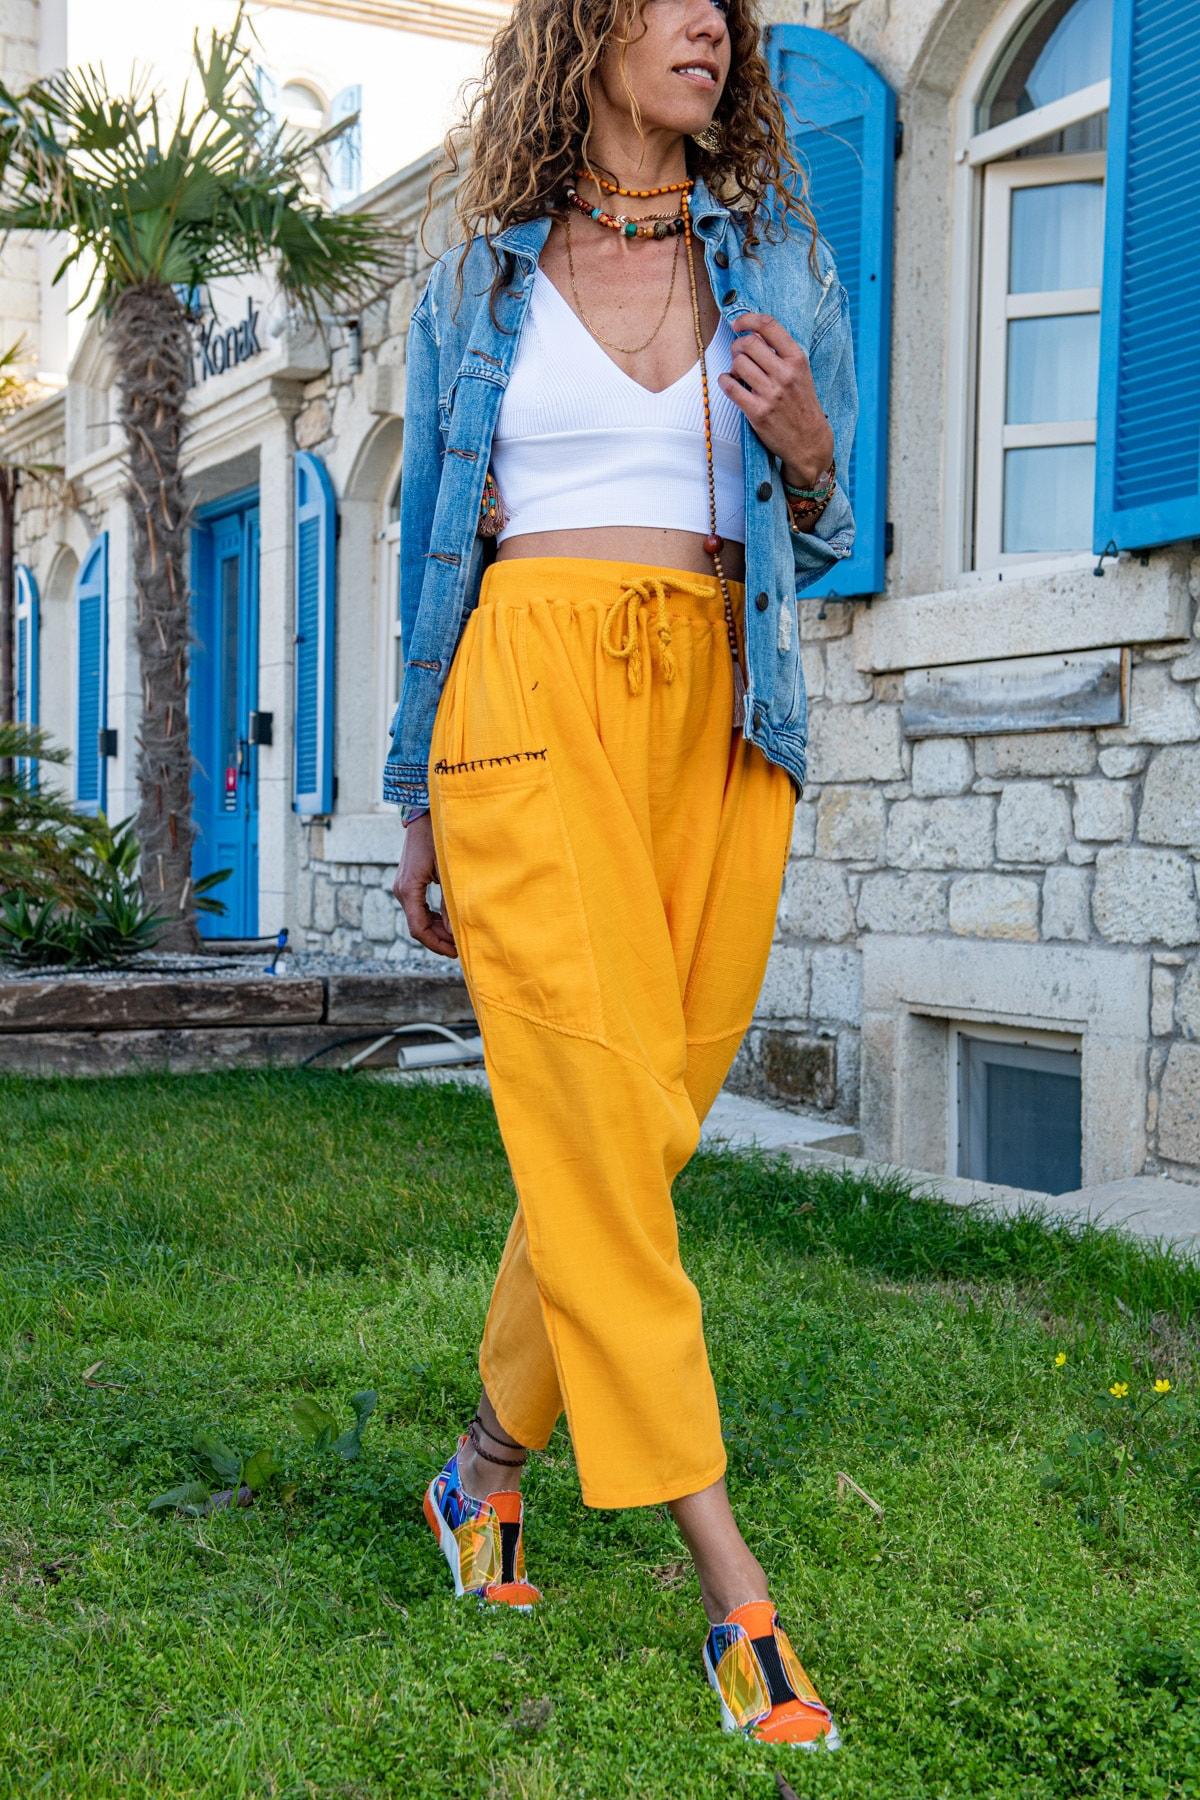 Güneşkızı Kadın Turuncu Yıkamalı Keten Beli Lastikli Salaş Şalvar Pantolon GK-RSD2027 0